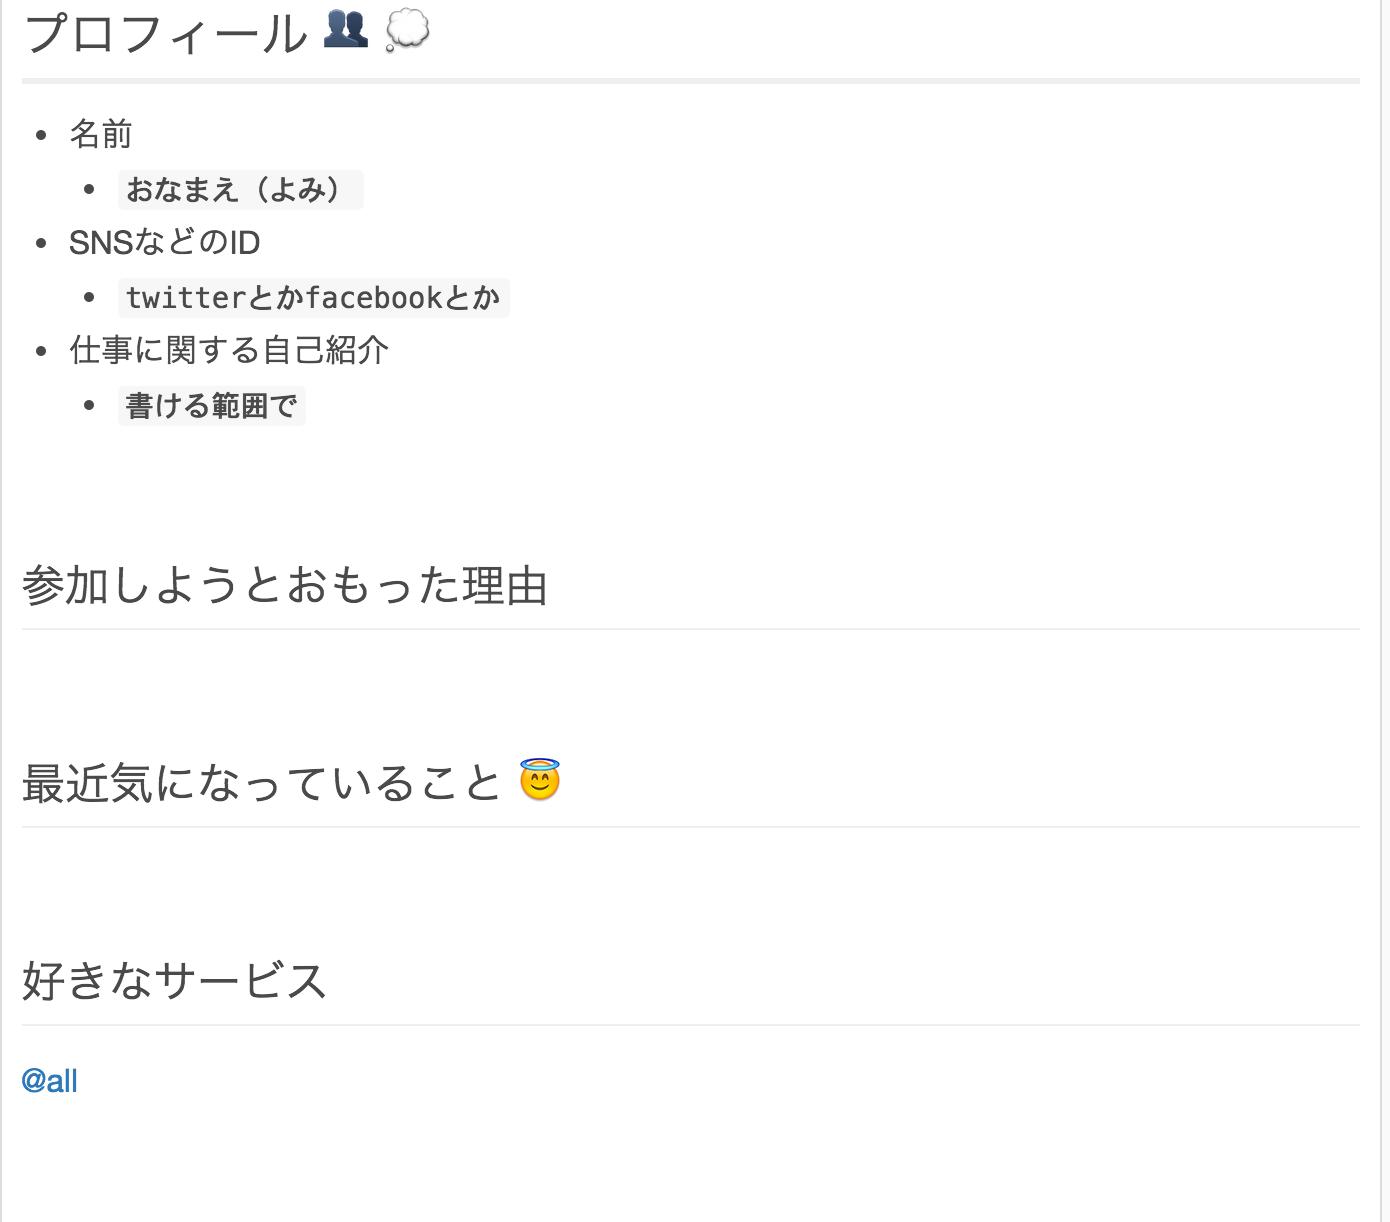 新規投稿_-_情報共有ツールお悩み相談.png